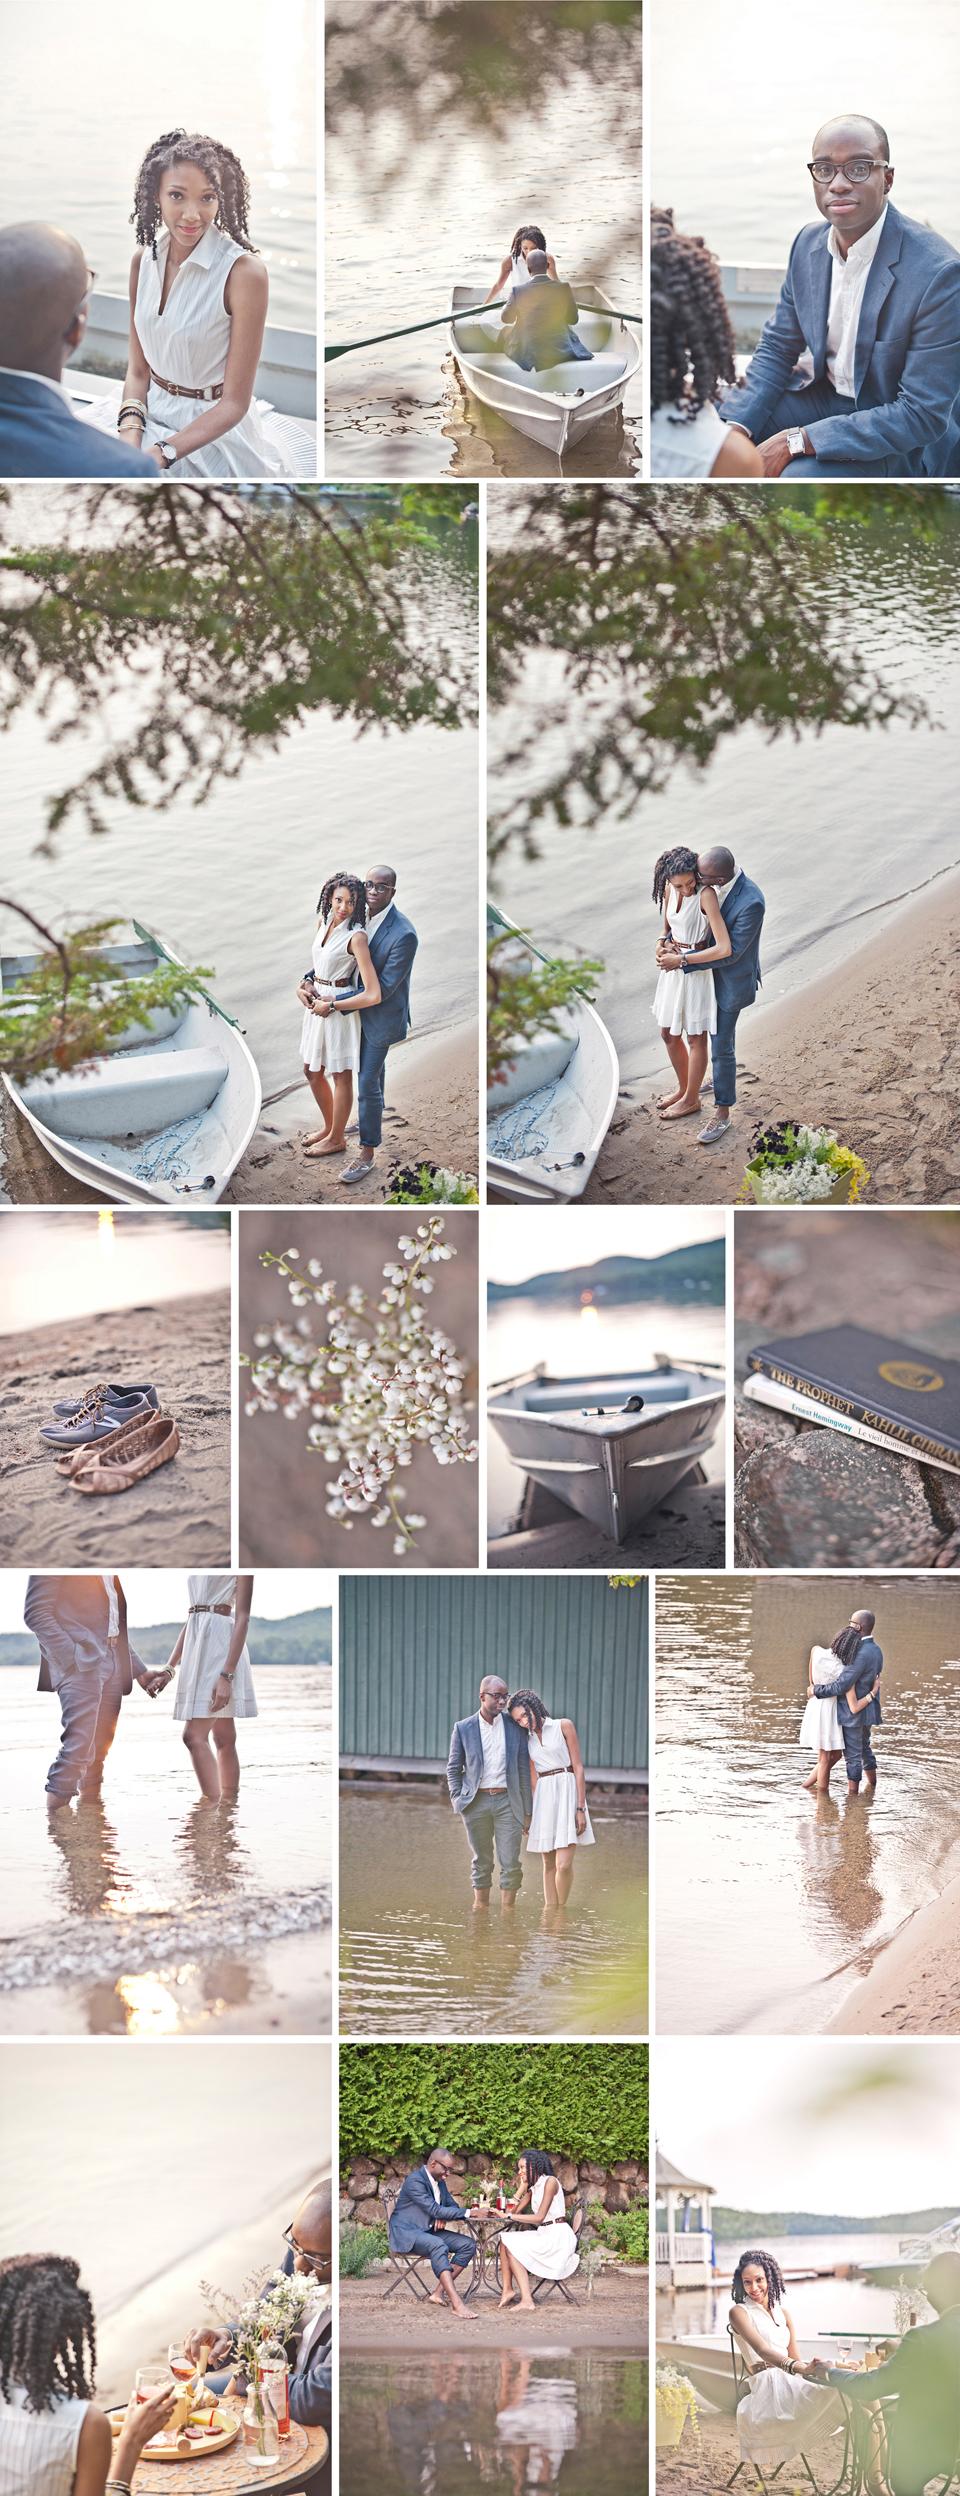 Montreal Wedding Photographer   Tremblant Engagement Photography   Lake